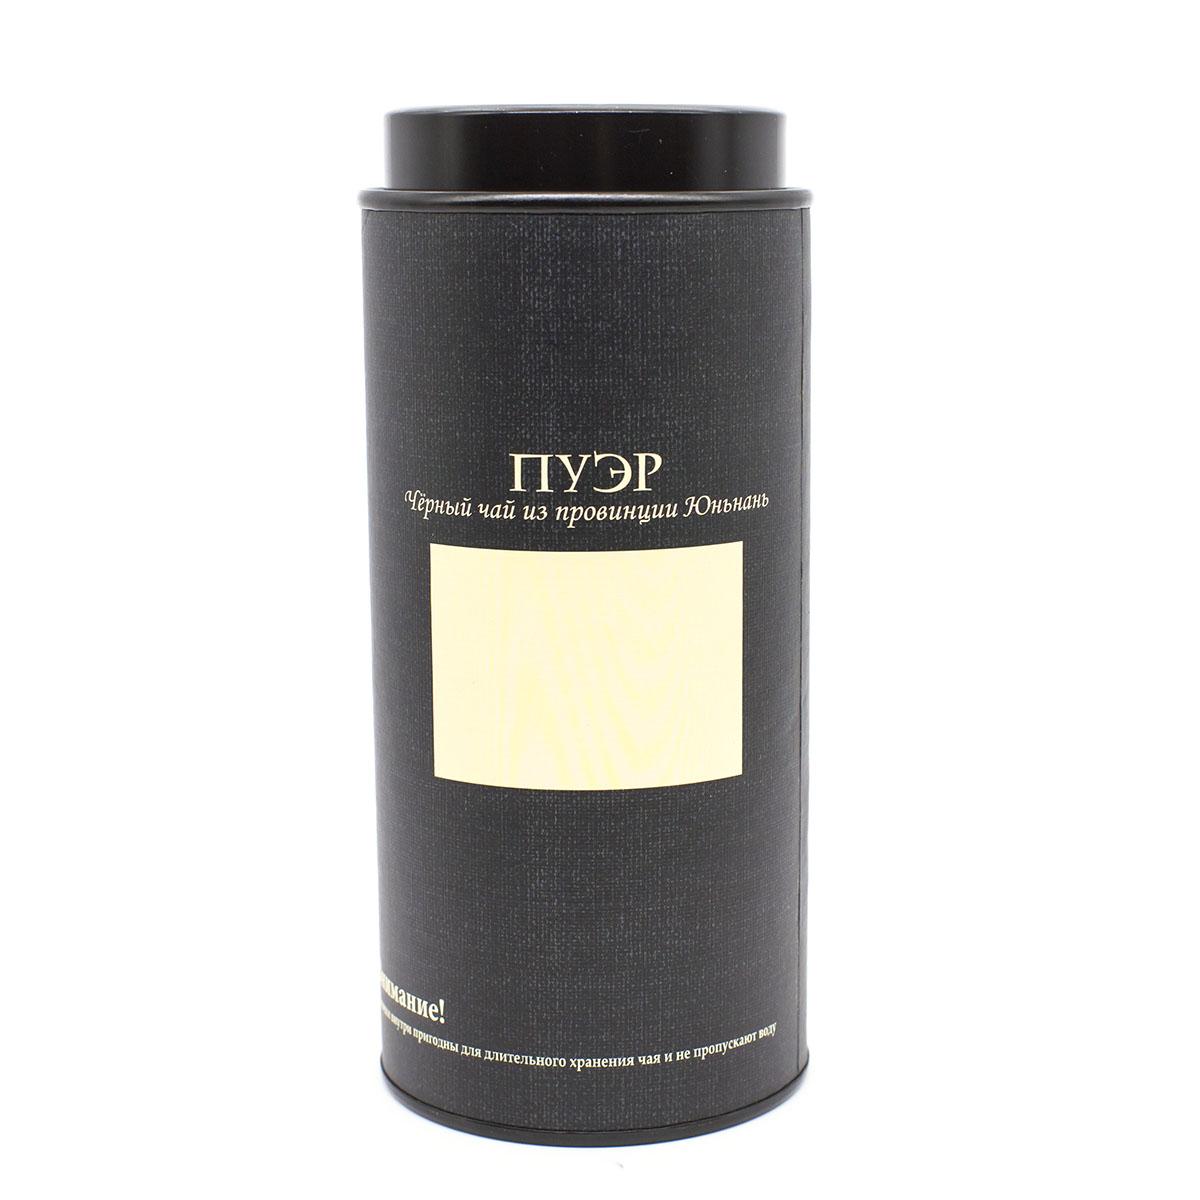 Банка картонная Мелодия неба - Пуэр. Черный чай 76*145 банка картонная мелодия неба белый чай 76 175